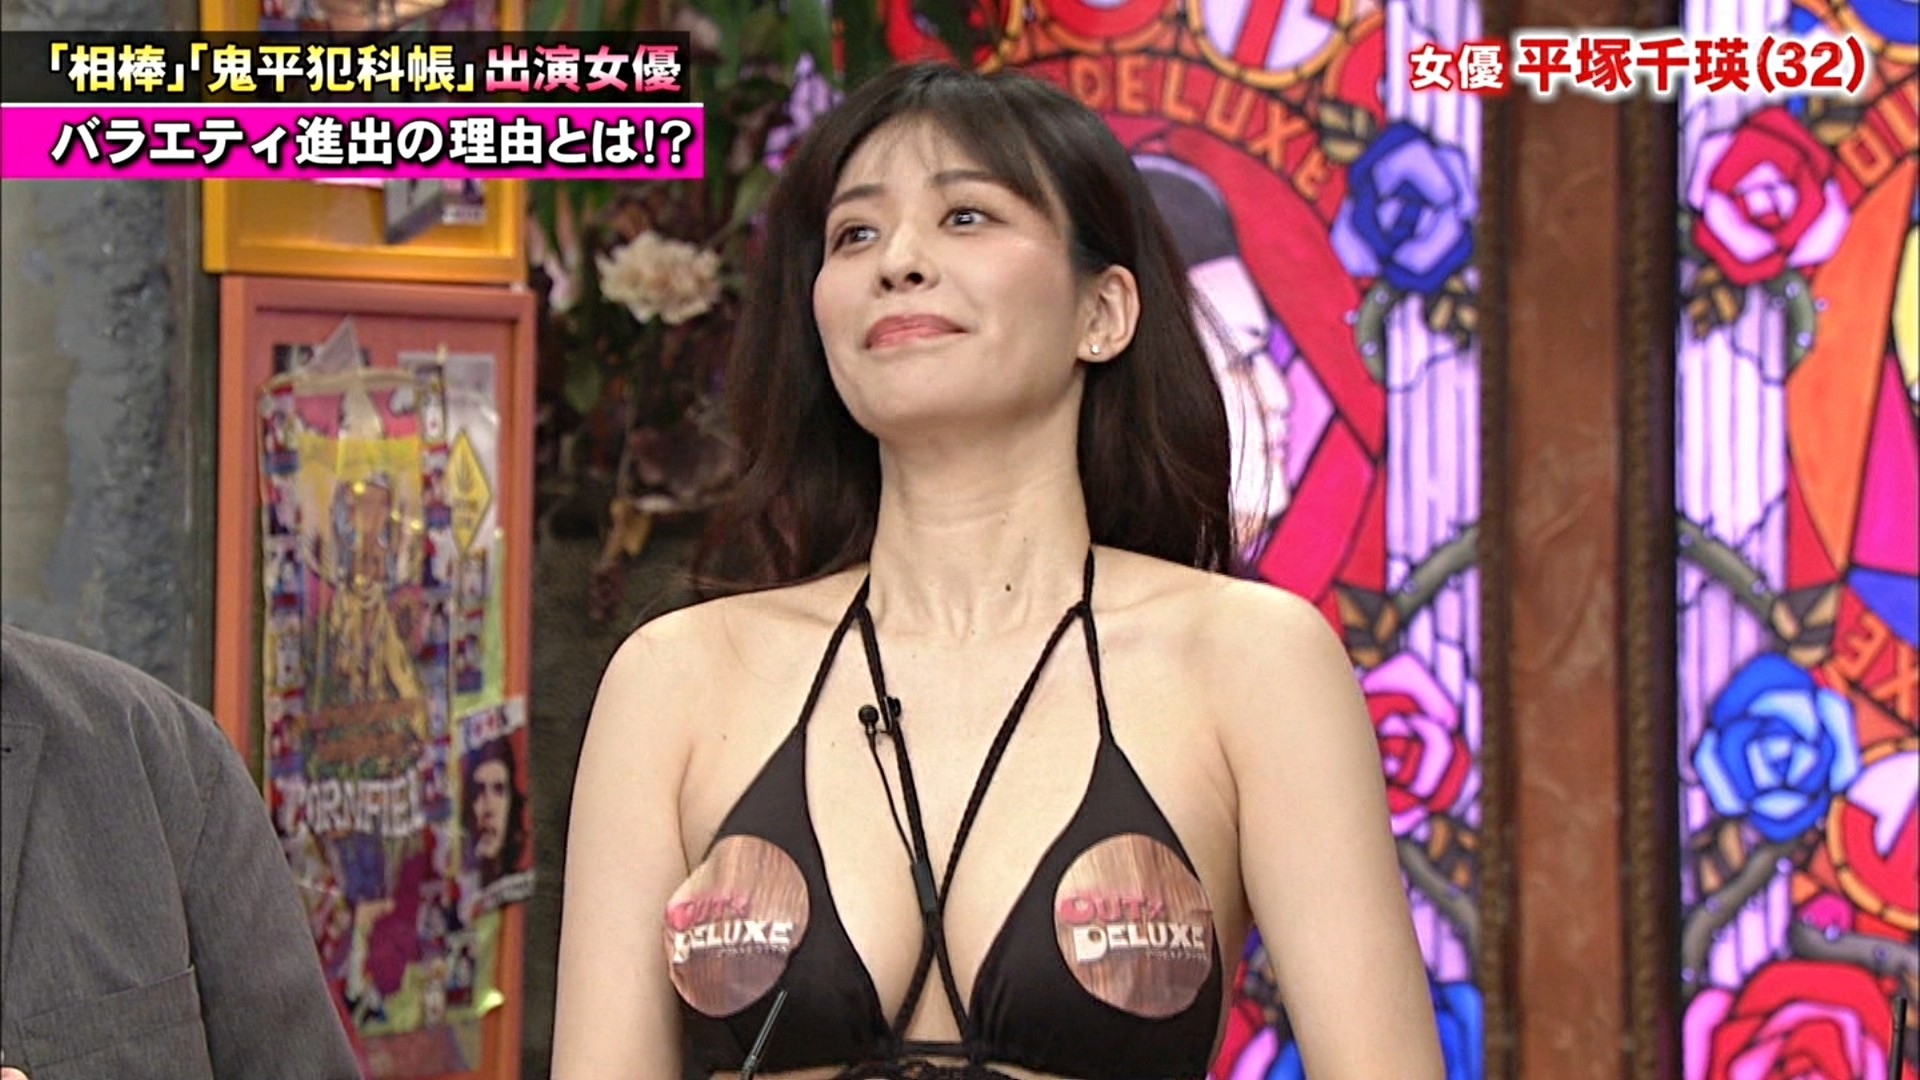 平塚千瑛_変形水着_おっぱい_アウトデラックス_28